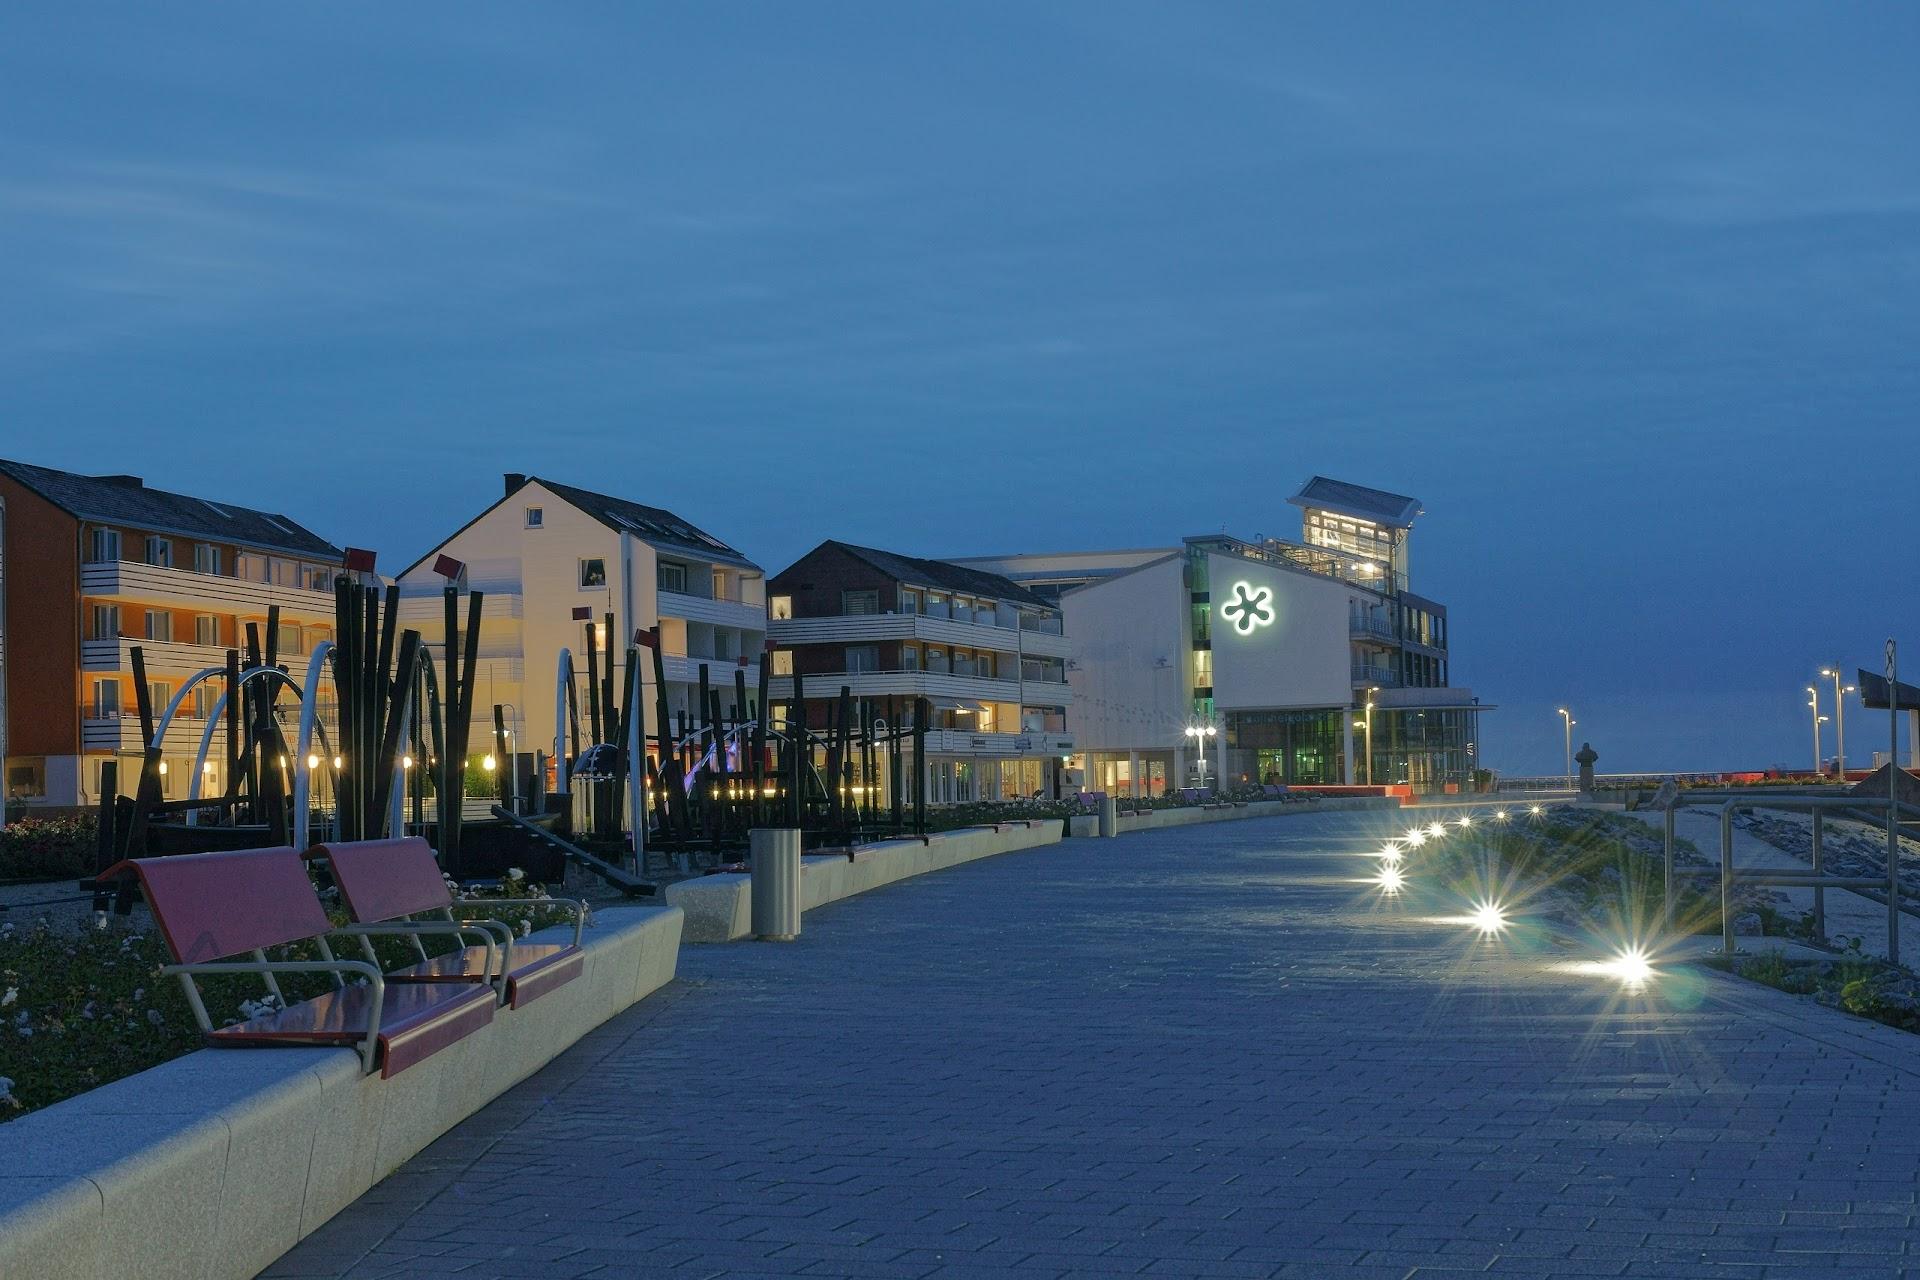 Моя поездка на Гельголанд с ночёвкой.